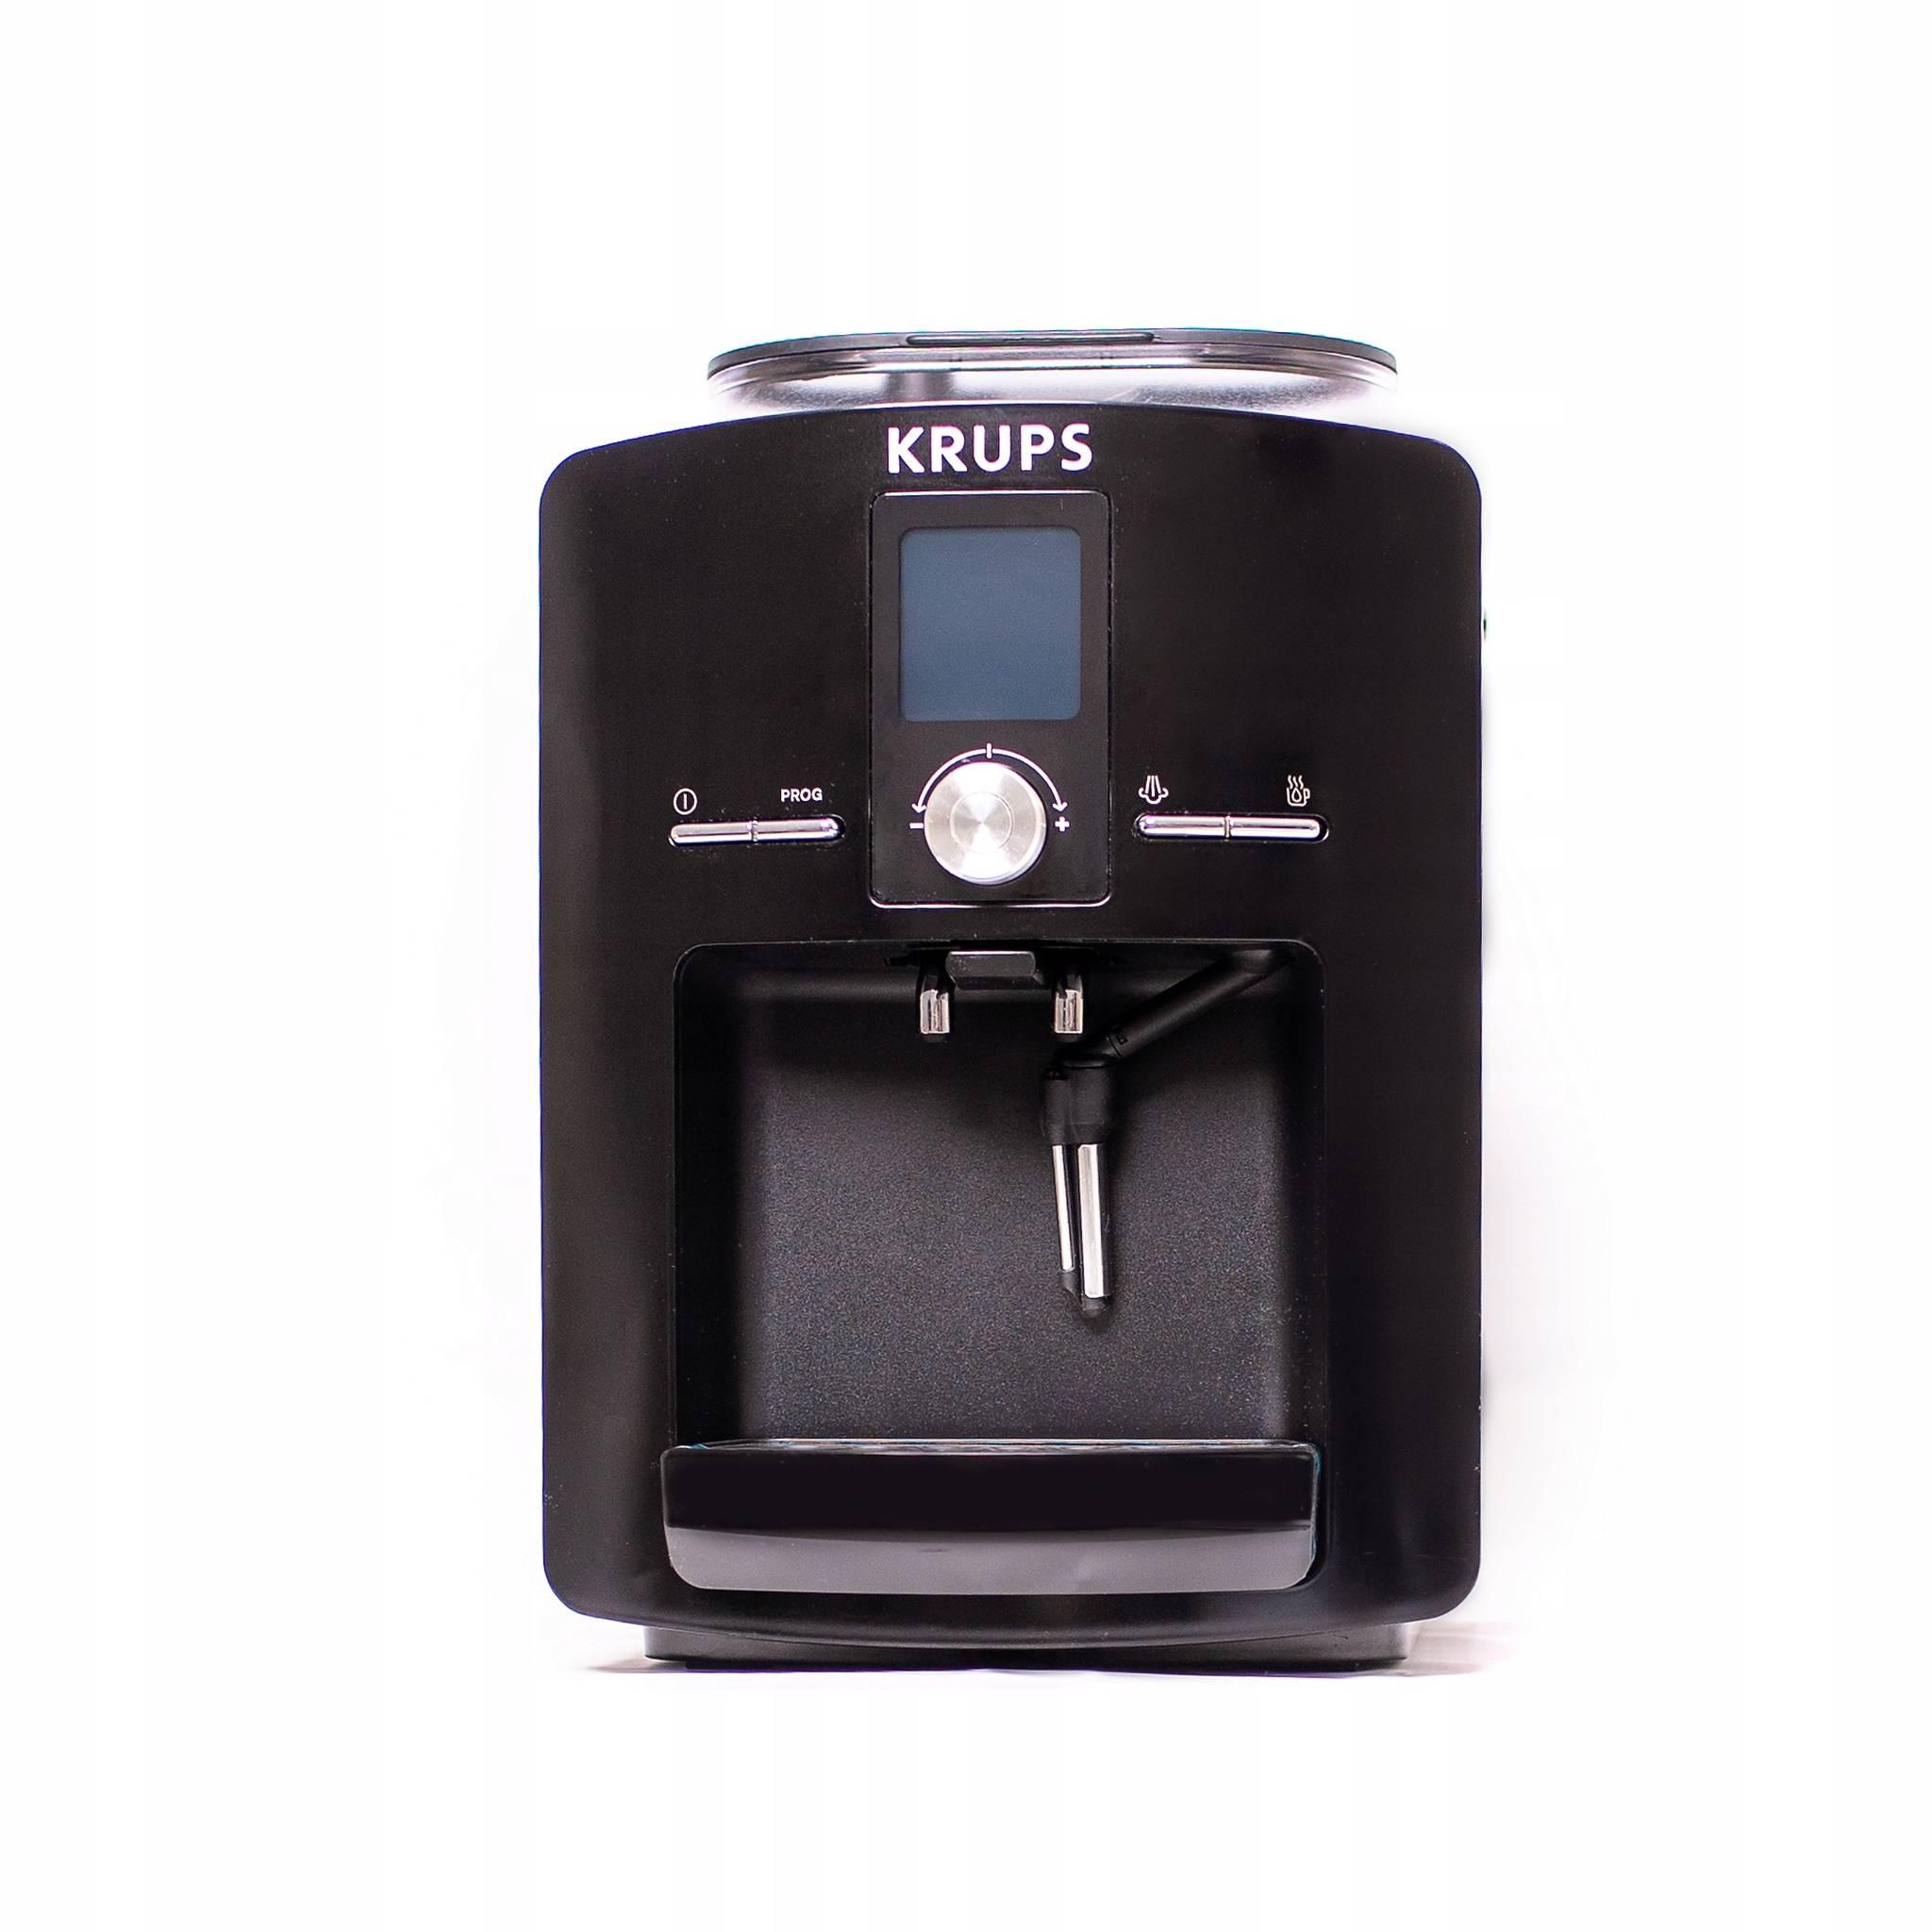 Обзор франко-немецких зерновых кофемашин крупс espresseria (серия ea) на примере krups ea 8105 от эксперта